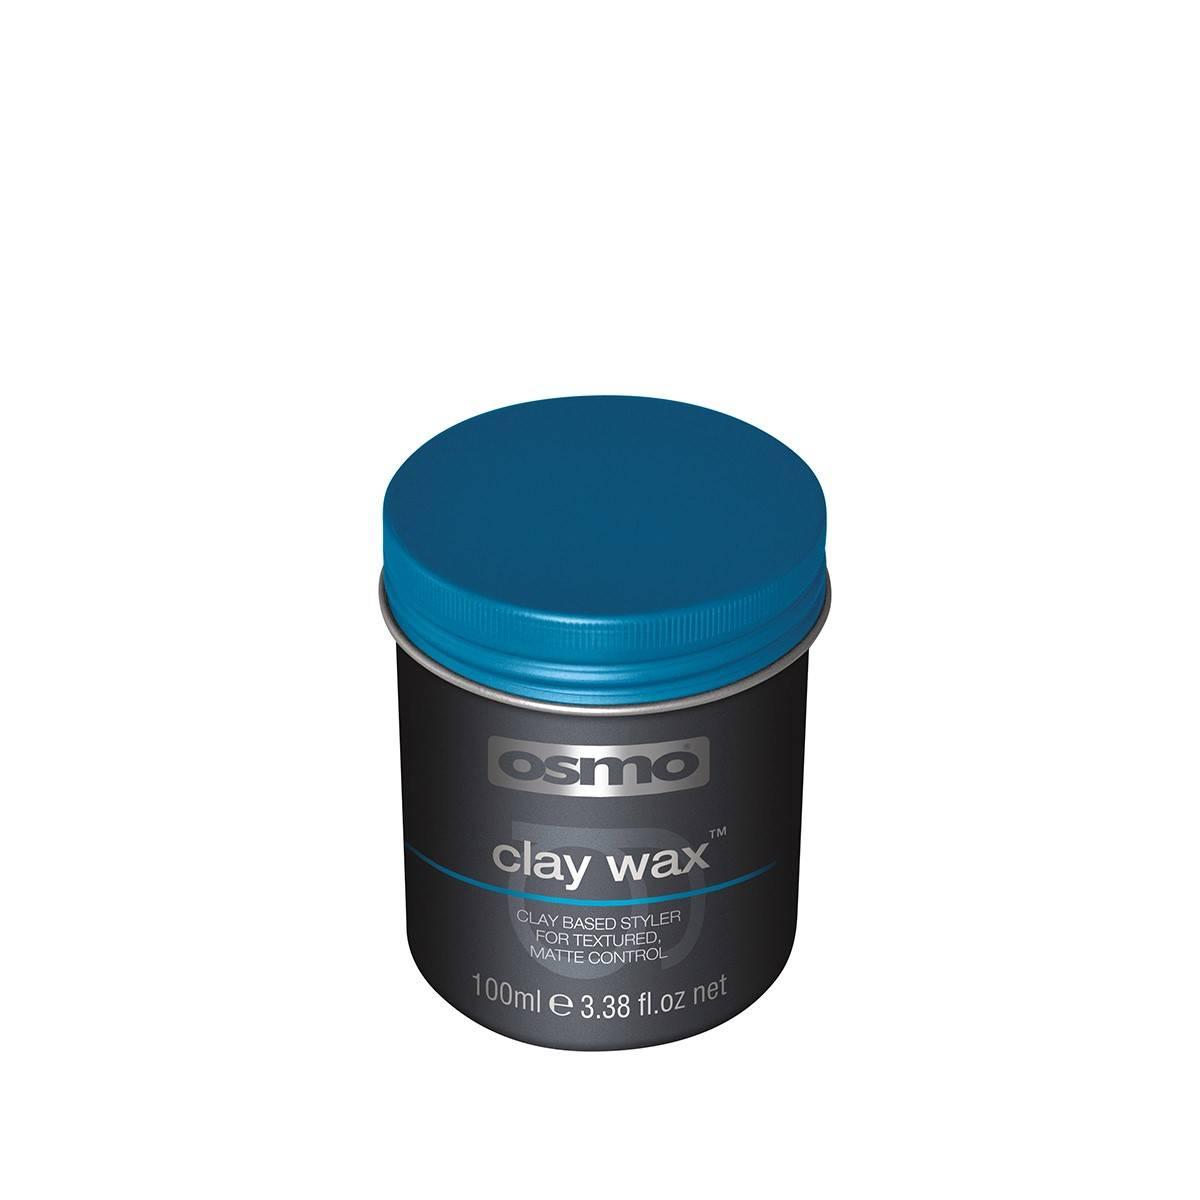 Clay Wax 100ml Wax